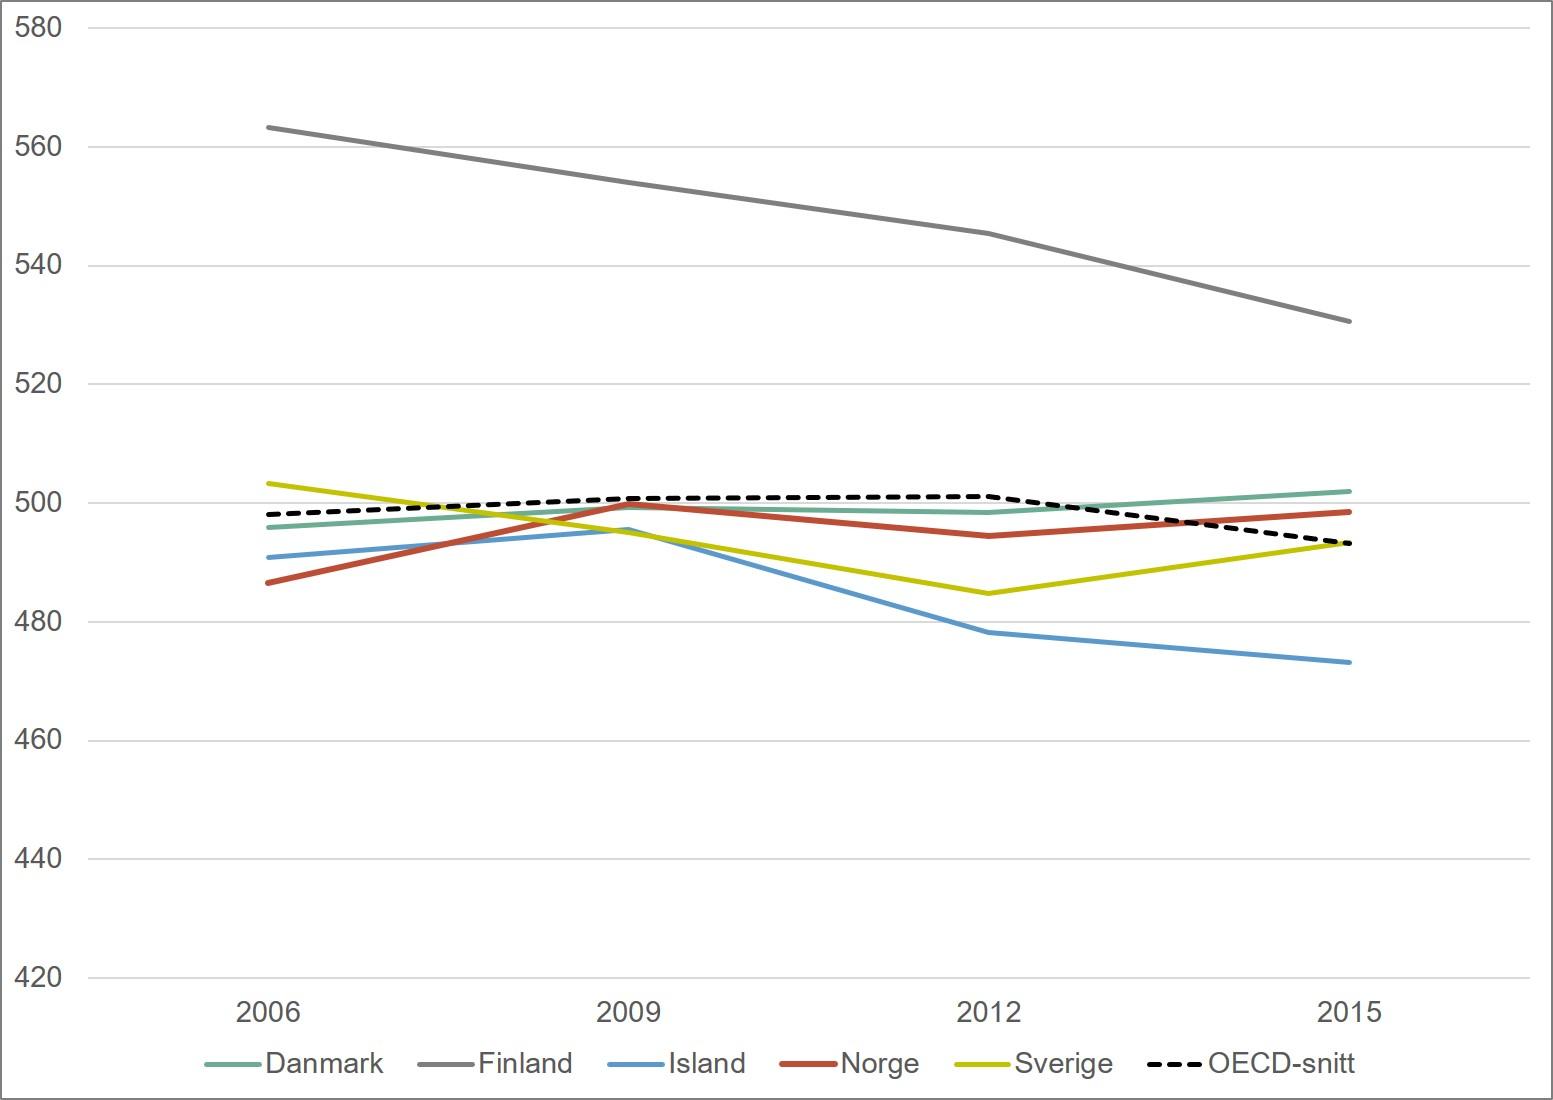 Gjennomsnittsskår på PISA-testen i naturfag. Norden og OECD. 2006-2015. Merknad: Skalaen begynner på 420. OECD har blitt utvidet i perioden 2009-2015, slik at OECD-snittet ikke er helt sammenliknbart over denne perioden.